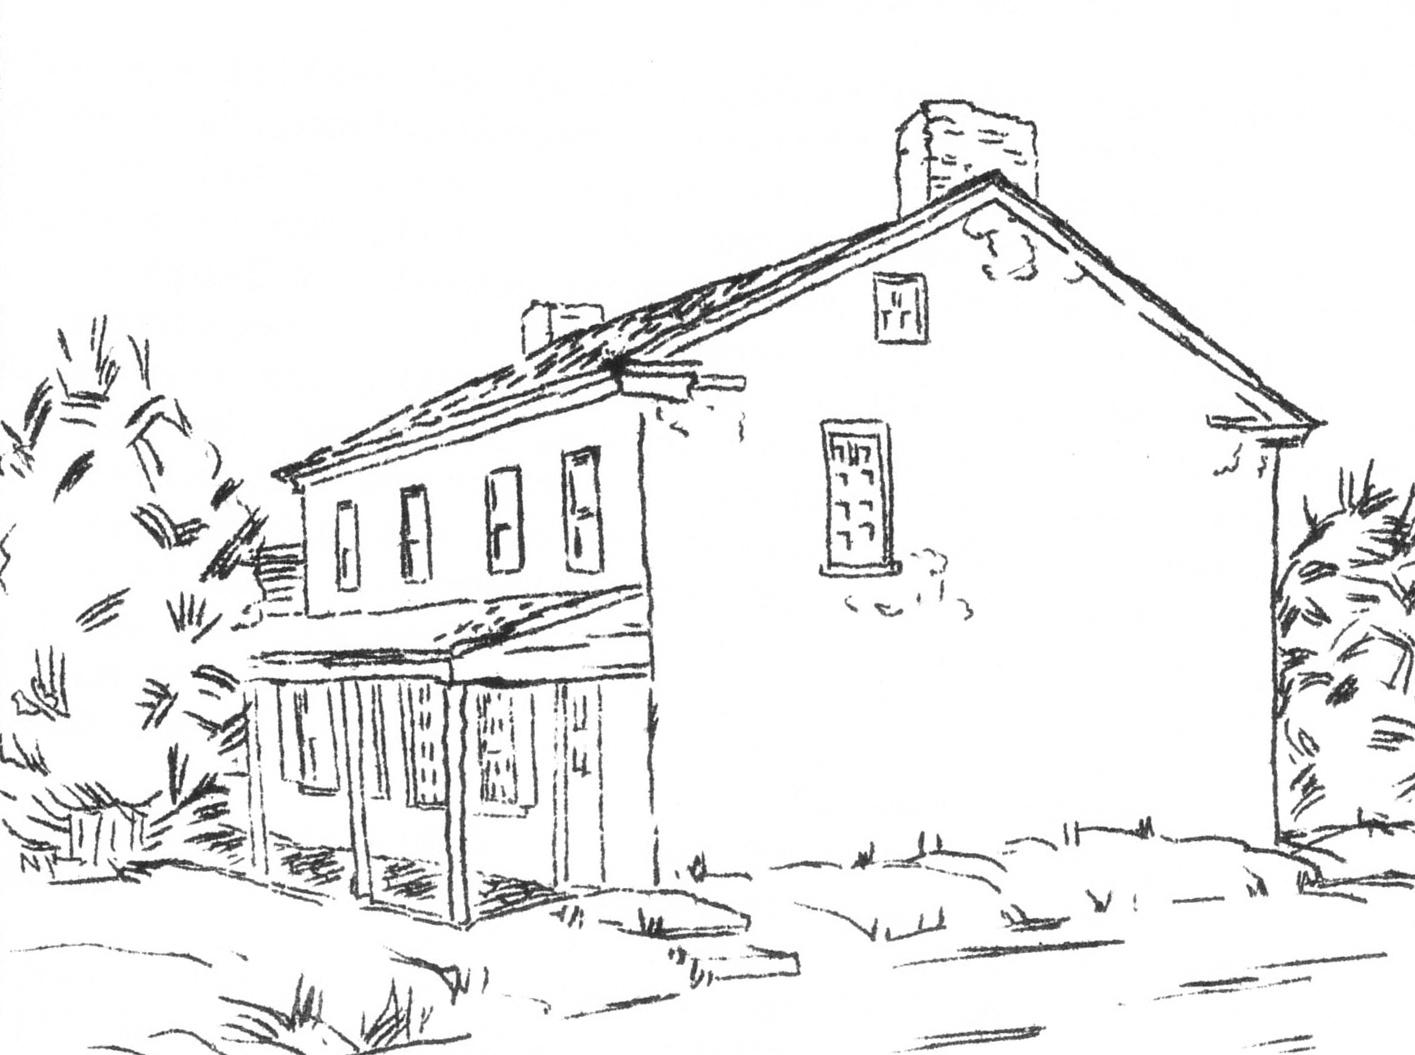 Berwyn (post 1796)